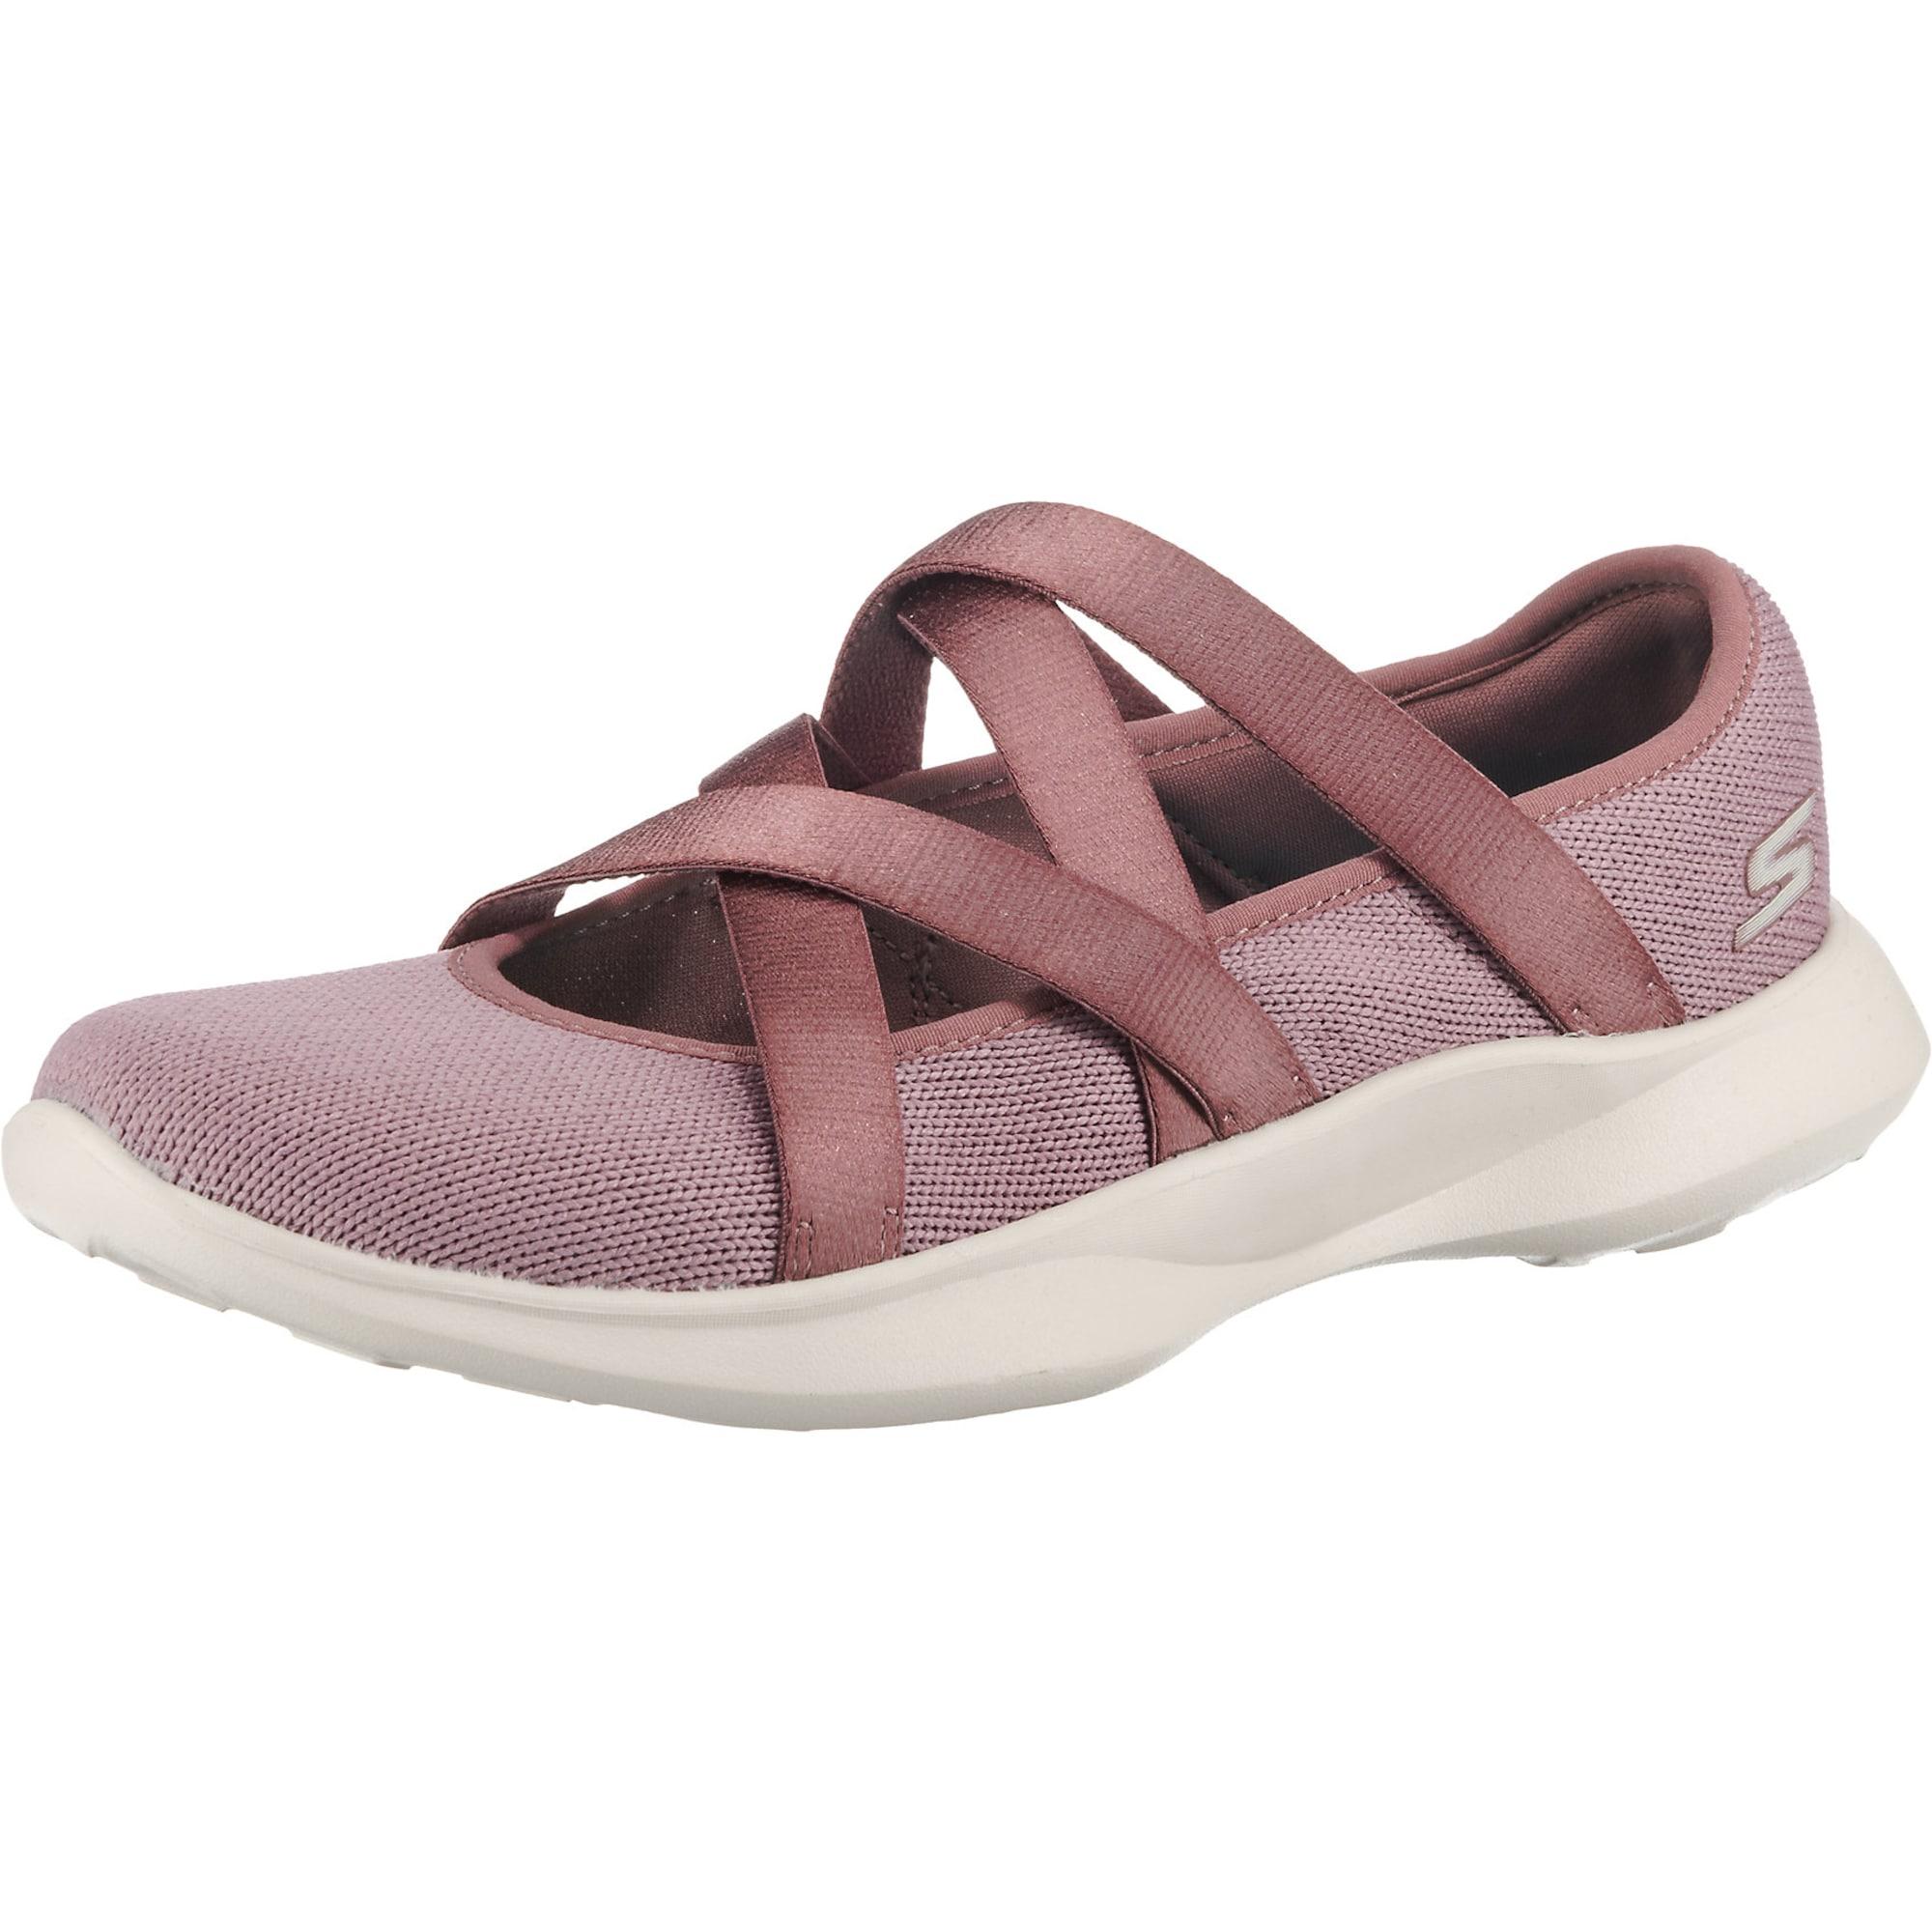 SERENE? ELATION Sportliche Ballerinas | Schuhe > Ballerinas > Sportliche Ballerinas | Skechers